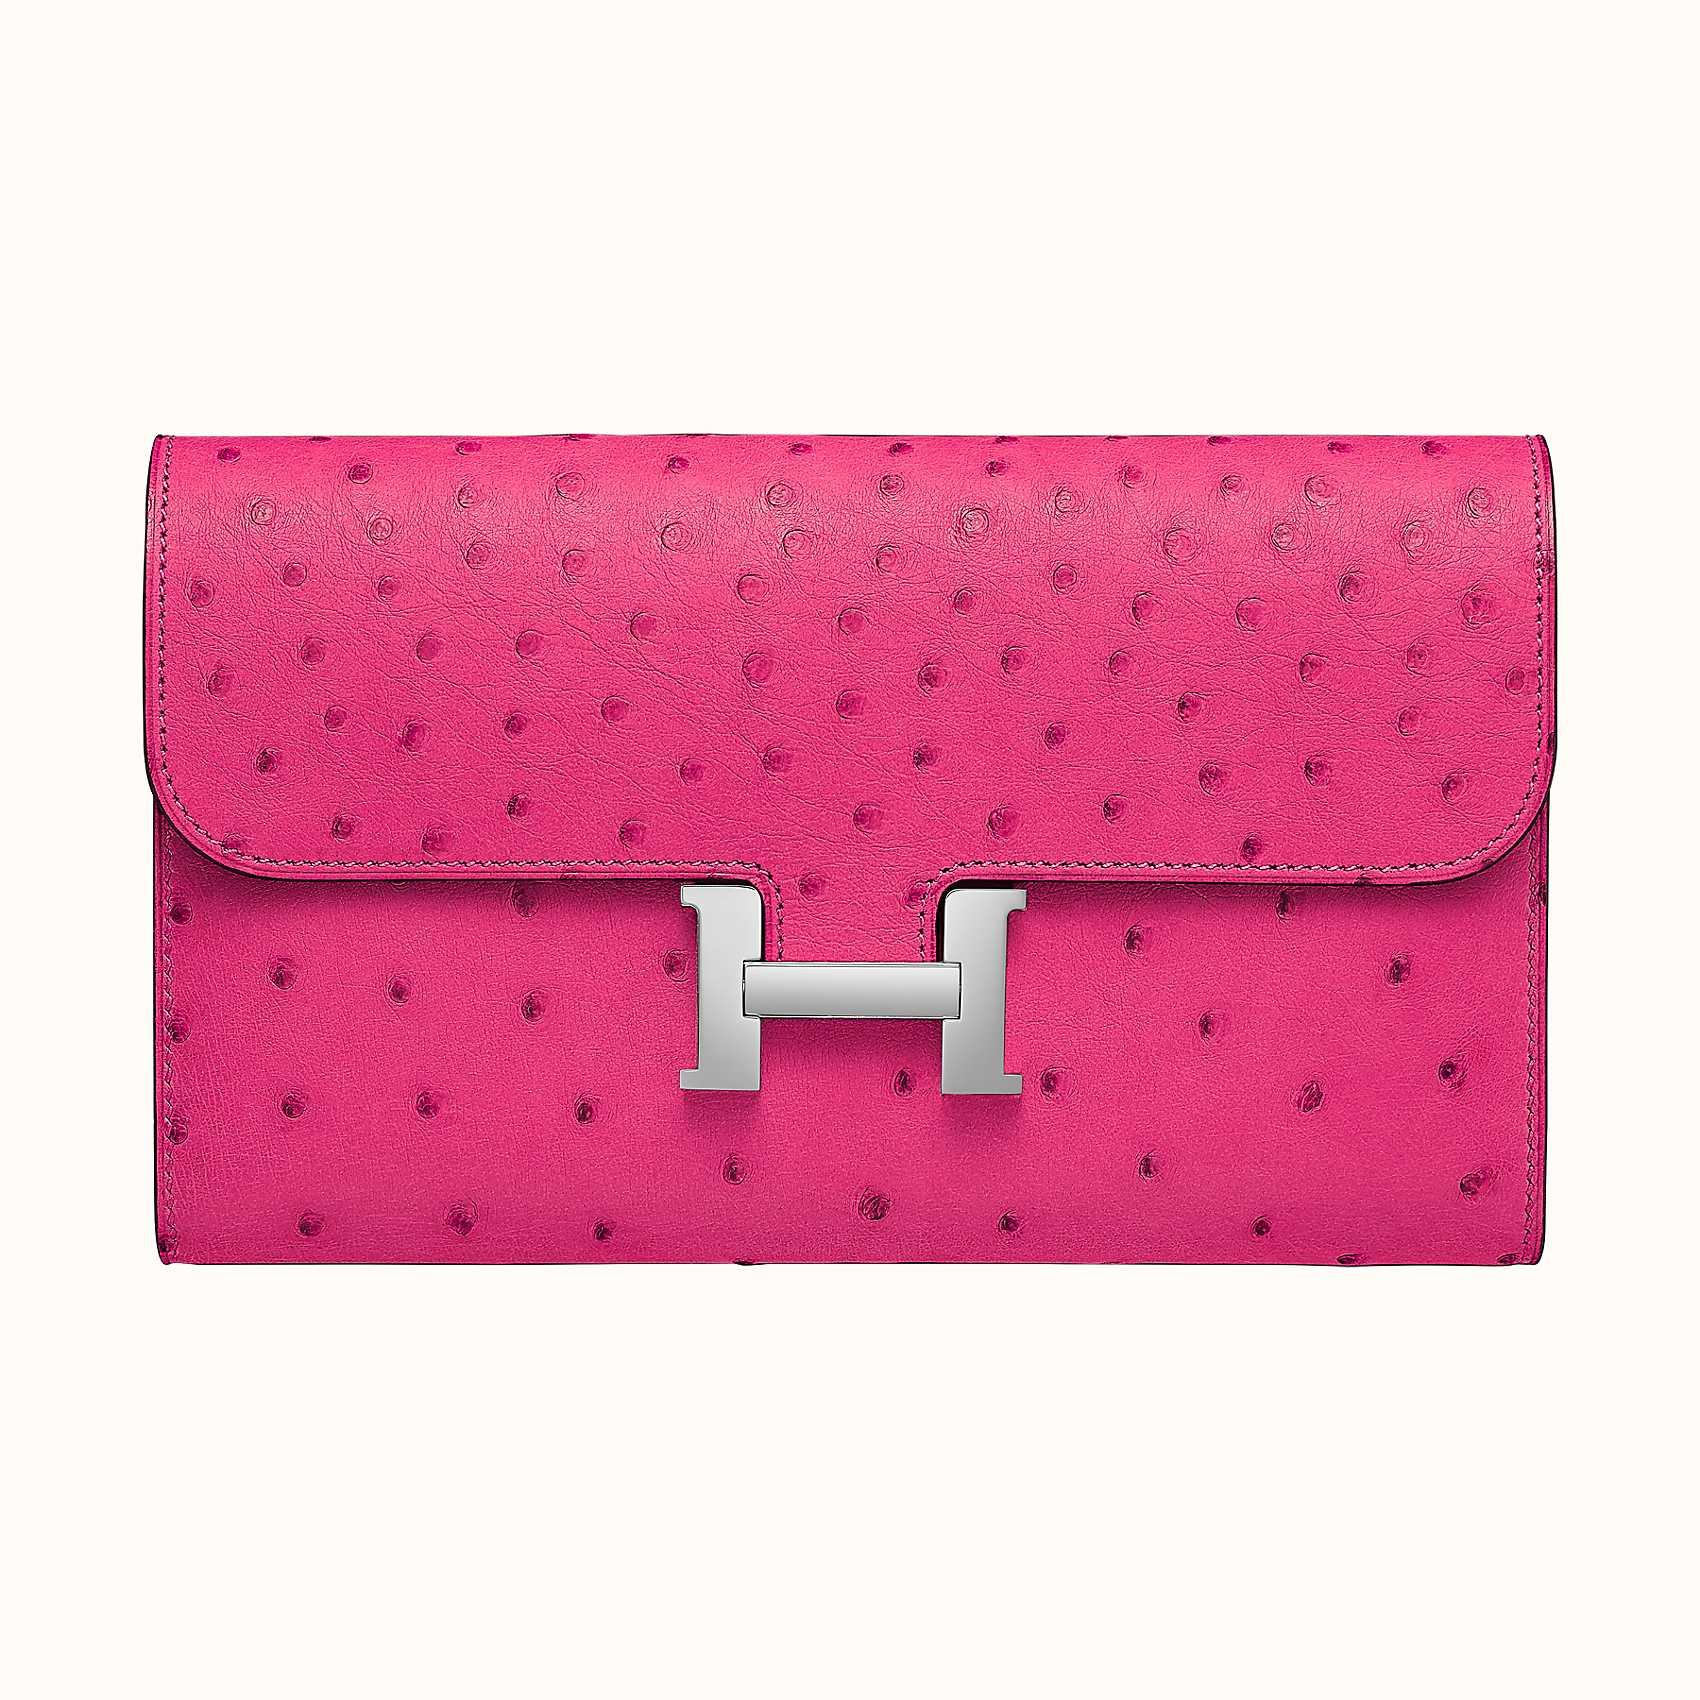 Hong Kong Hermes Portefeuille Constance Long Ostrich CKE5 Rose Tyrien